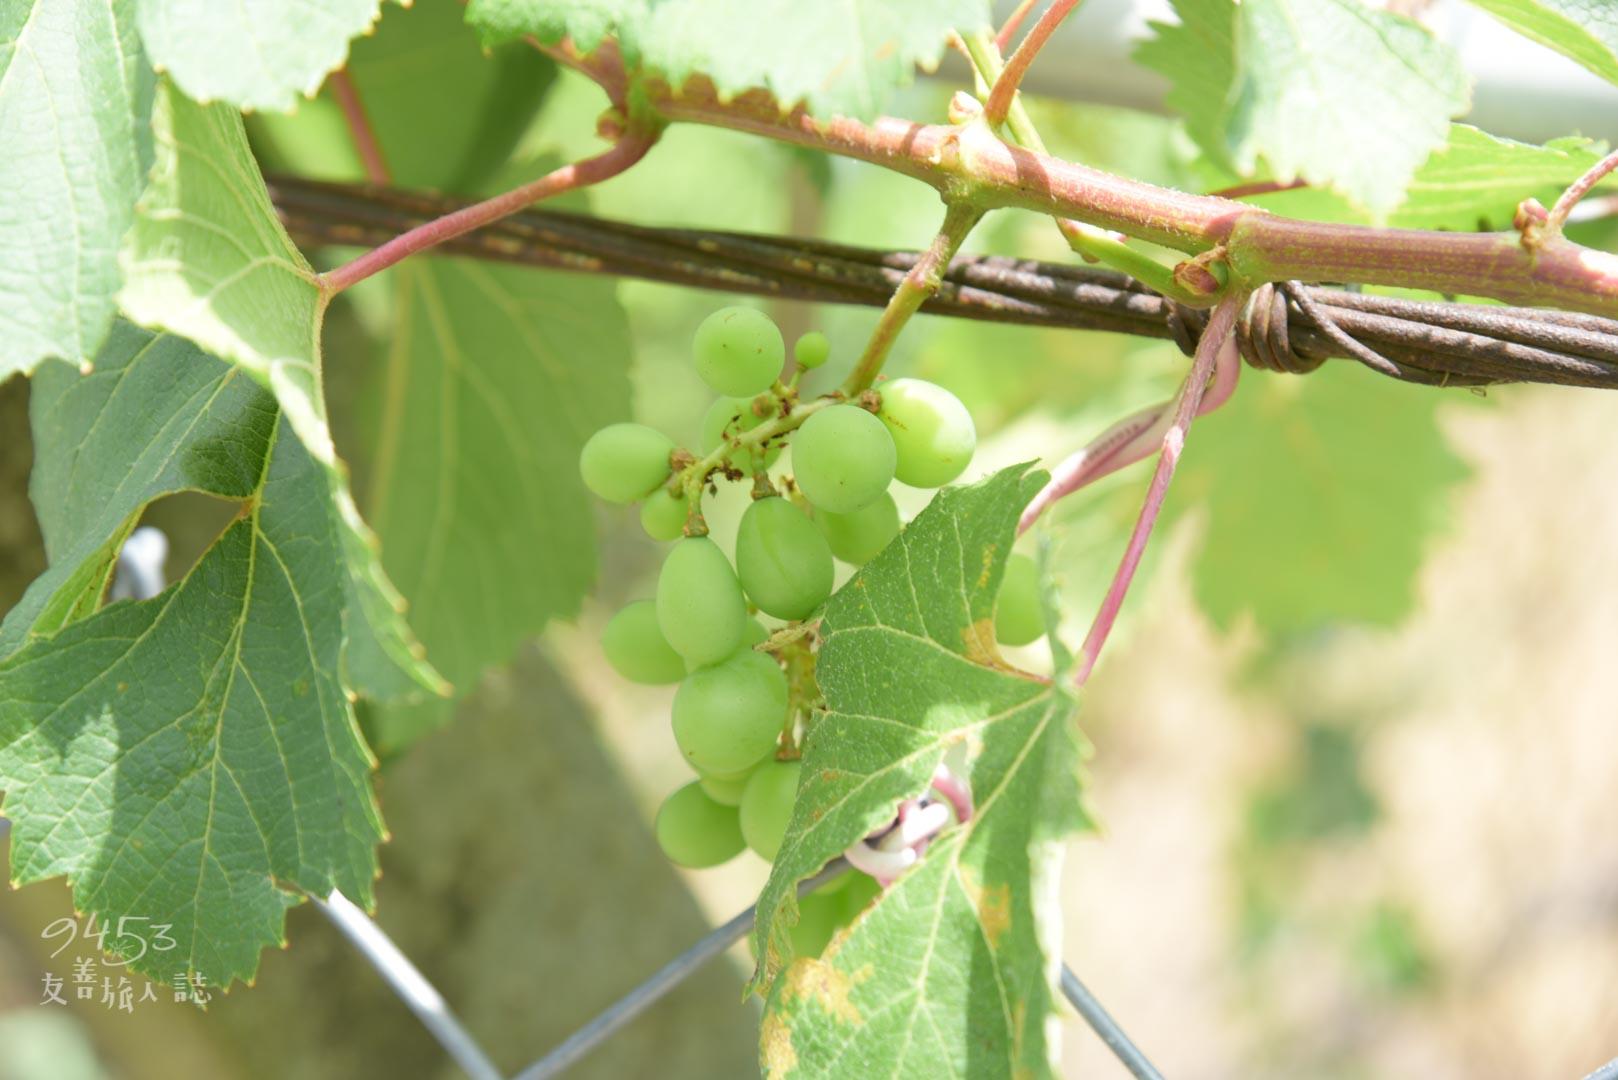 虎腳庄特產 葡萄